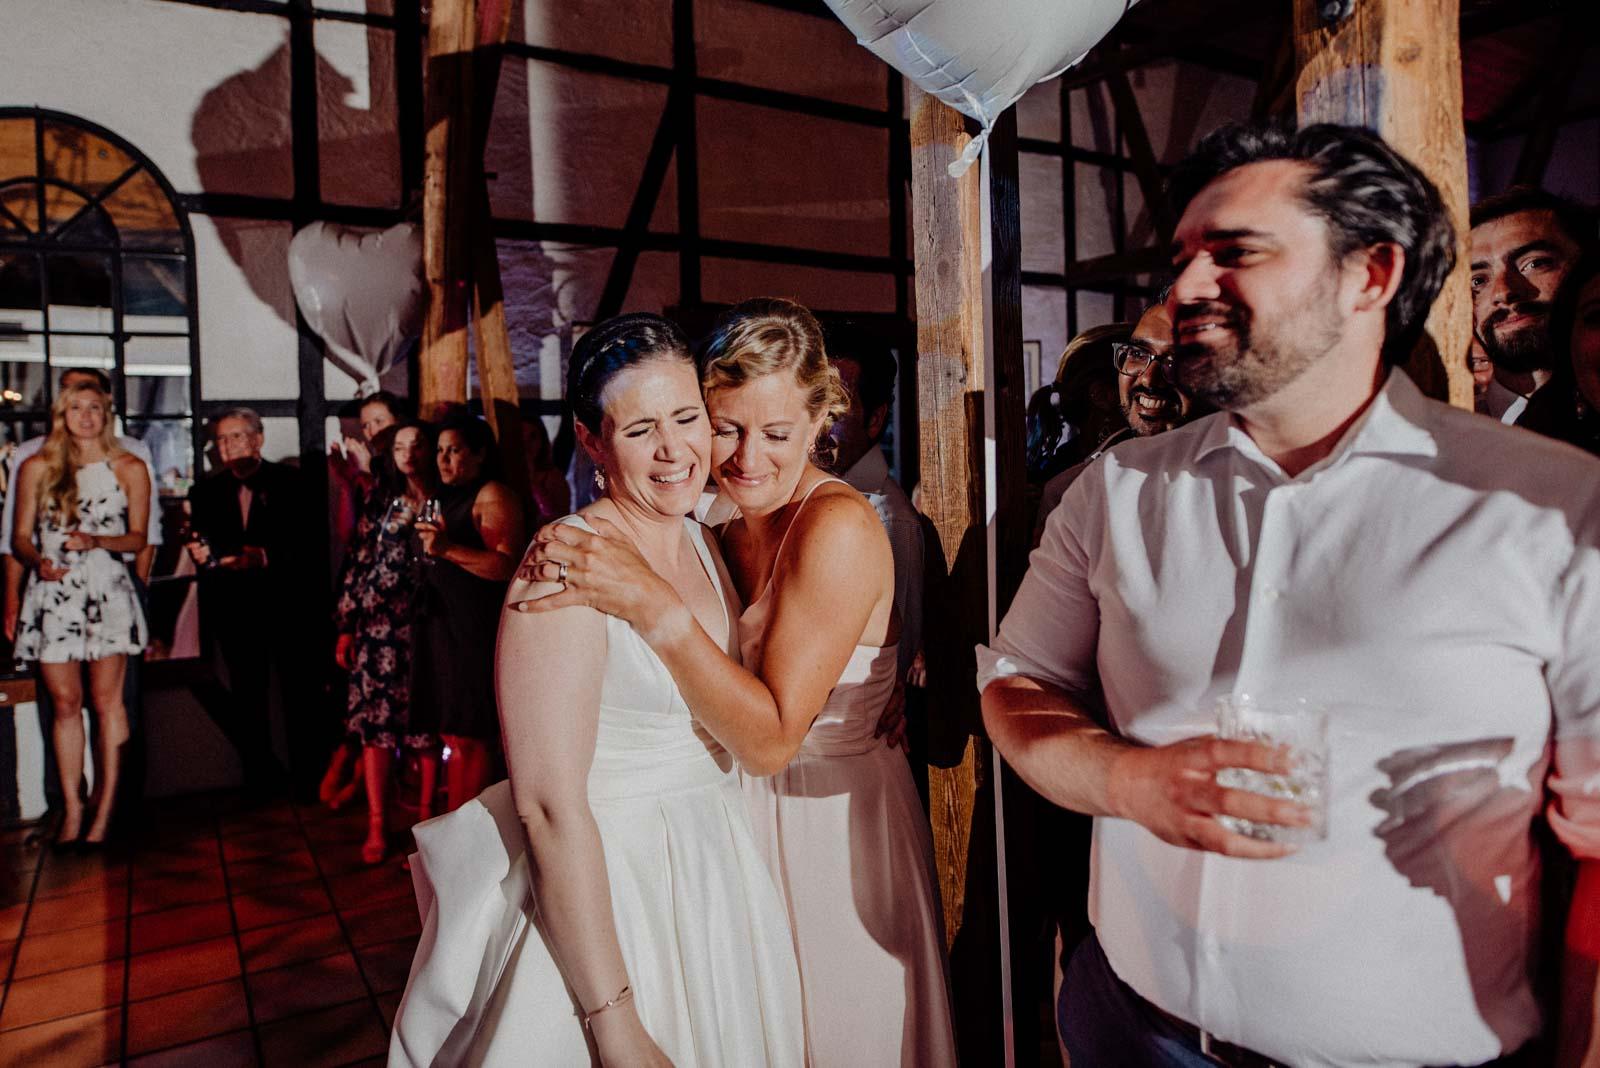 Trauzeugin weint vor Ruehrung nach dem Vater Tochter Tanz